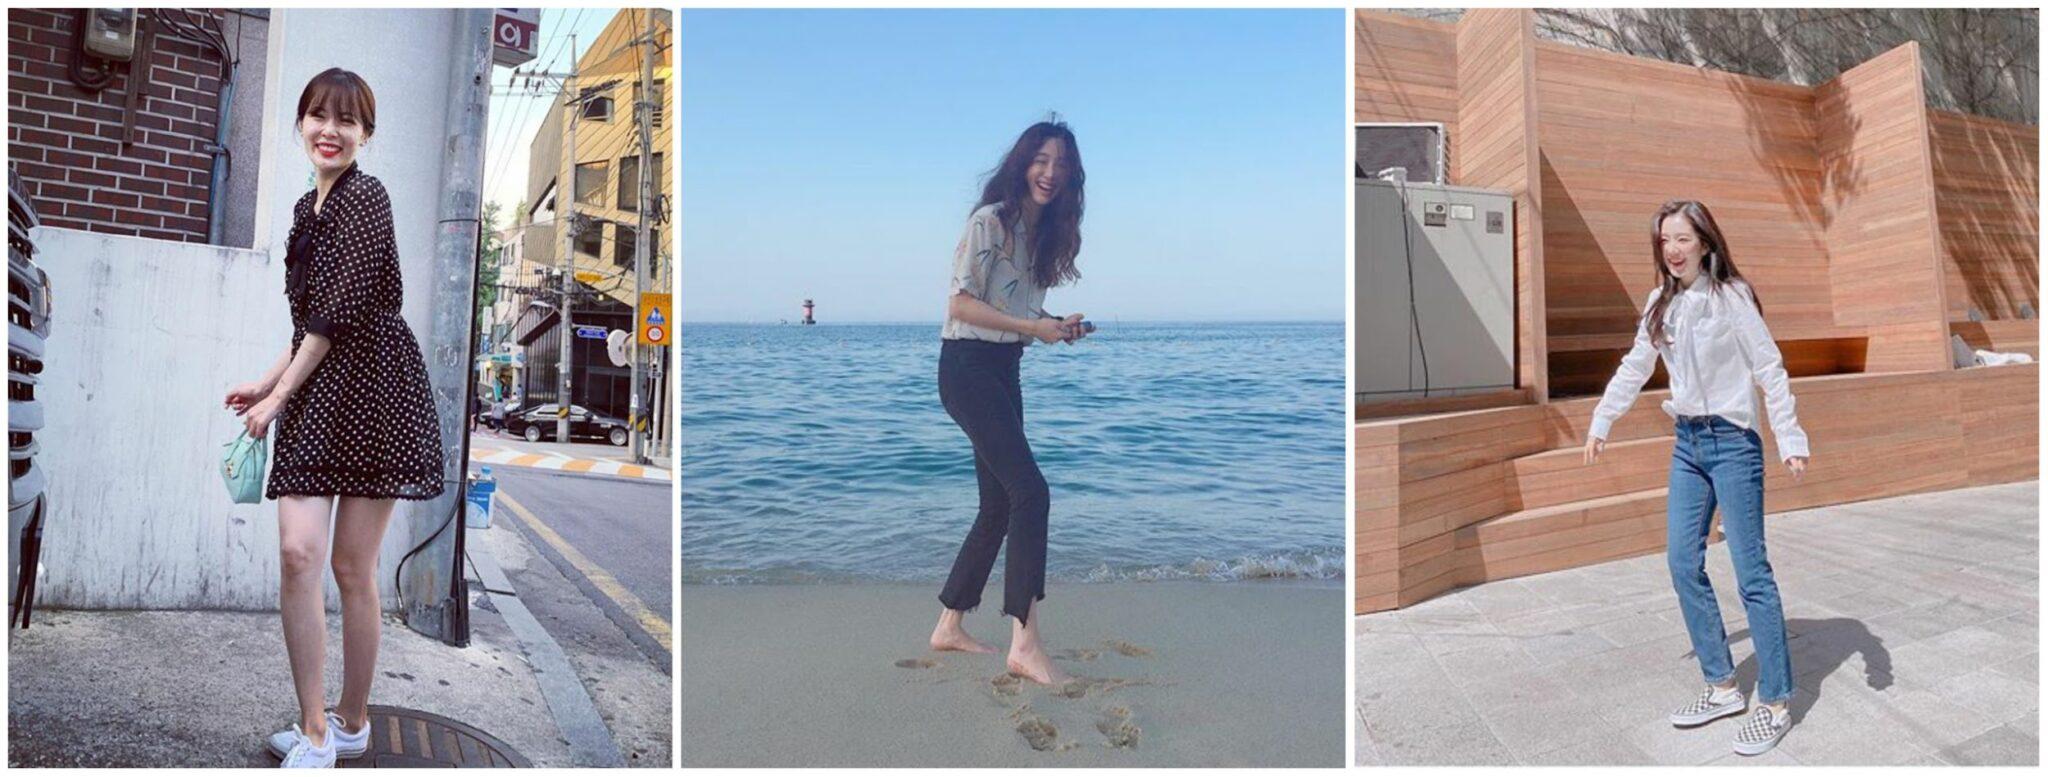 Mẹo chụp ảnh Instagram của Hàn Quốc - tạo dáng thẳng thắn